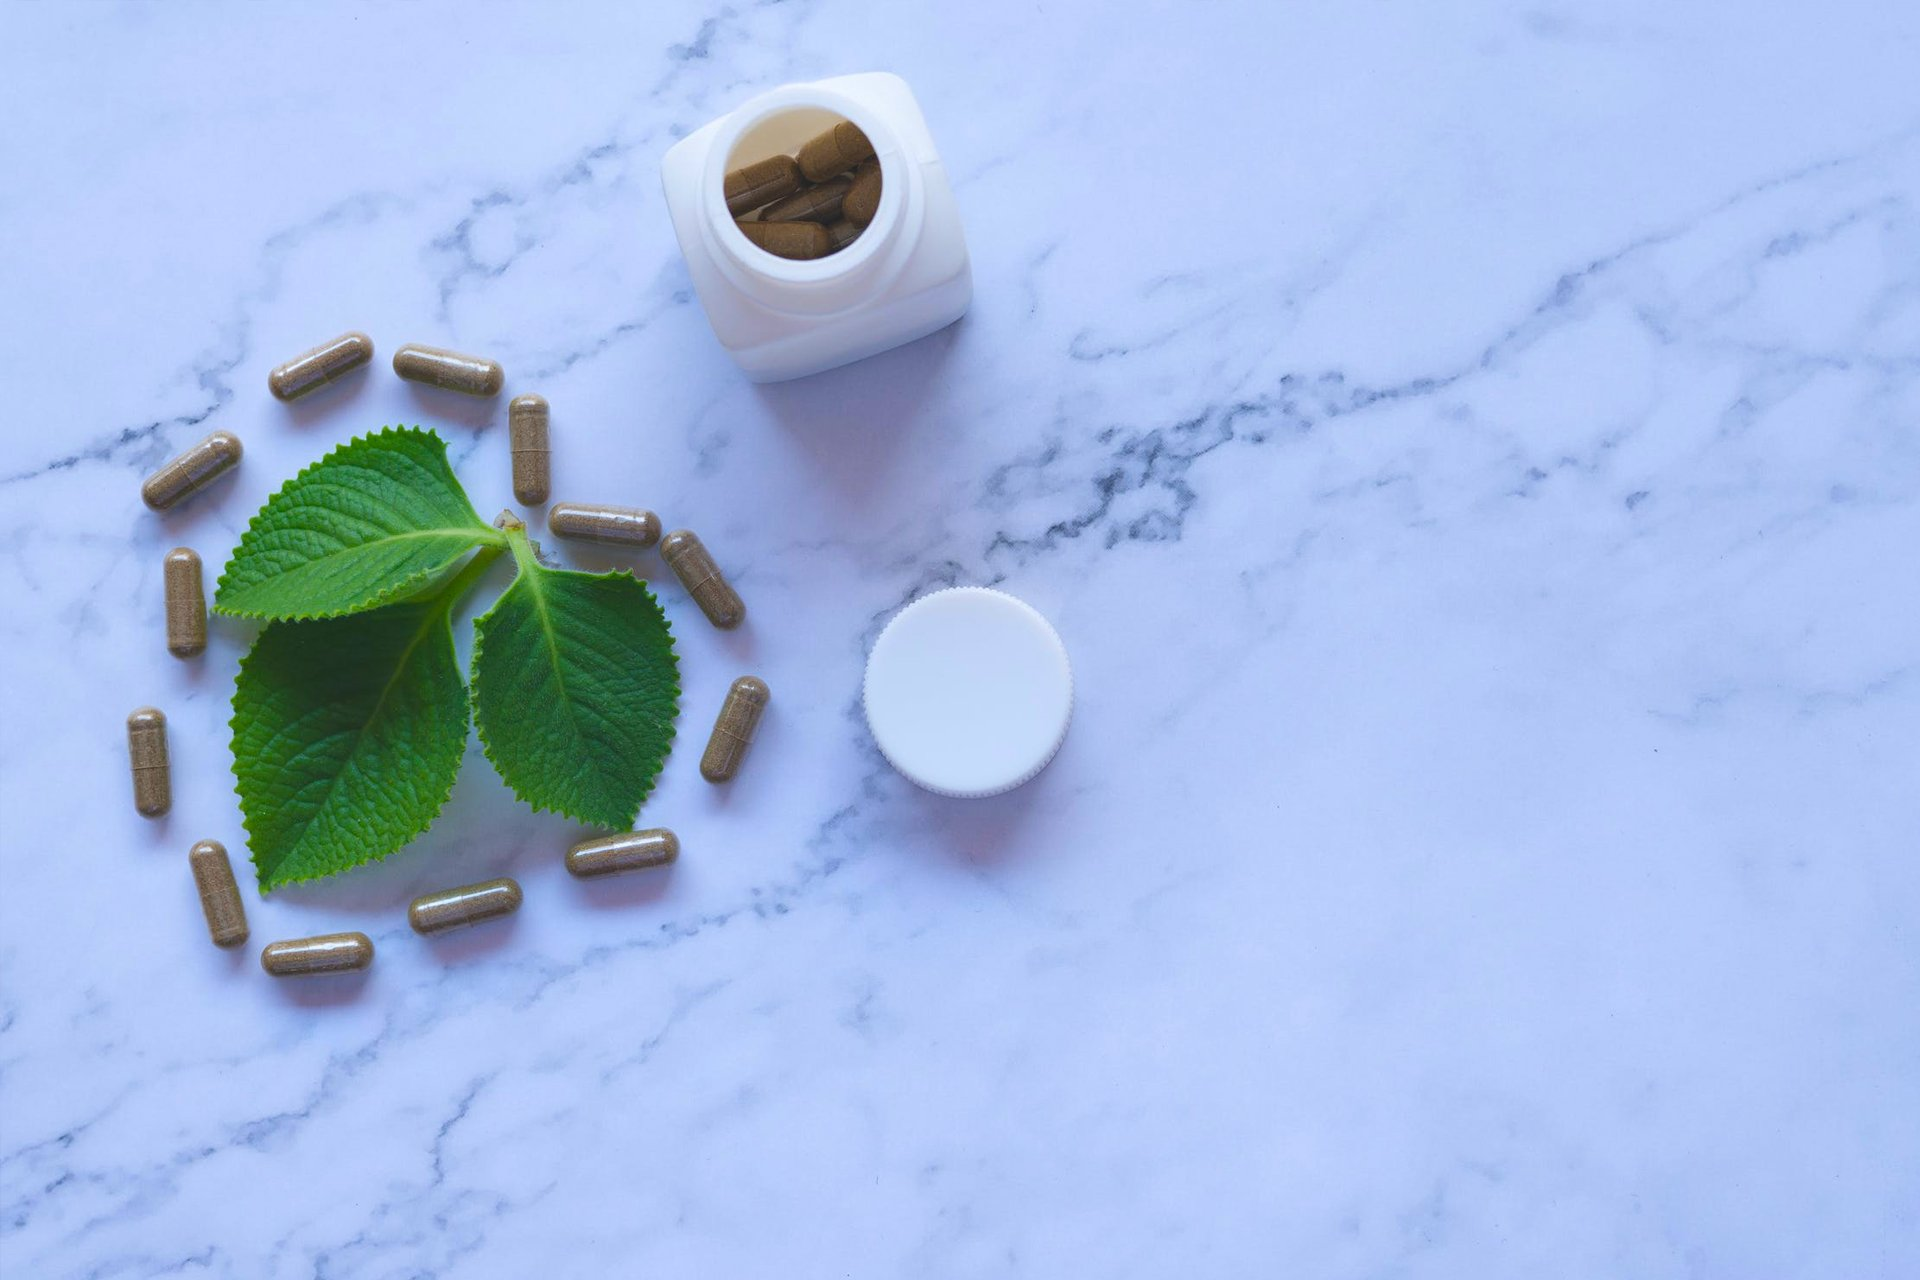 FIME_7_Myths_Modern_Medicine_Herbal_Supplement